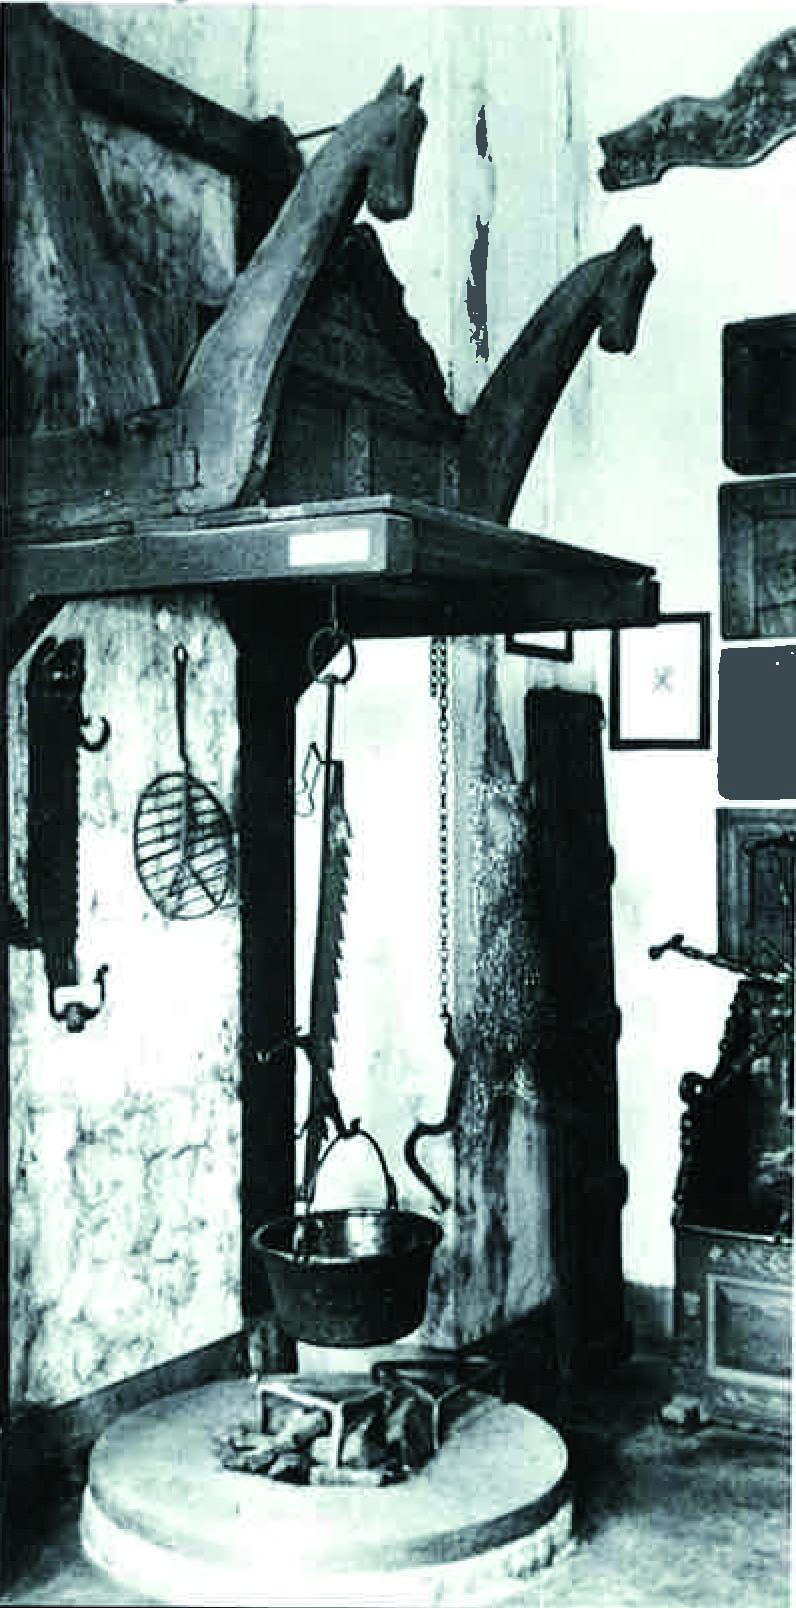 vom offenen feuer zum geschlossenen herd die einstige feuerstelle bildet noch heute den. Black Bedroom Furniture Sets. Home Design Ideas